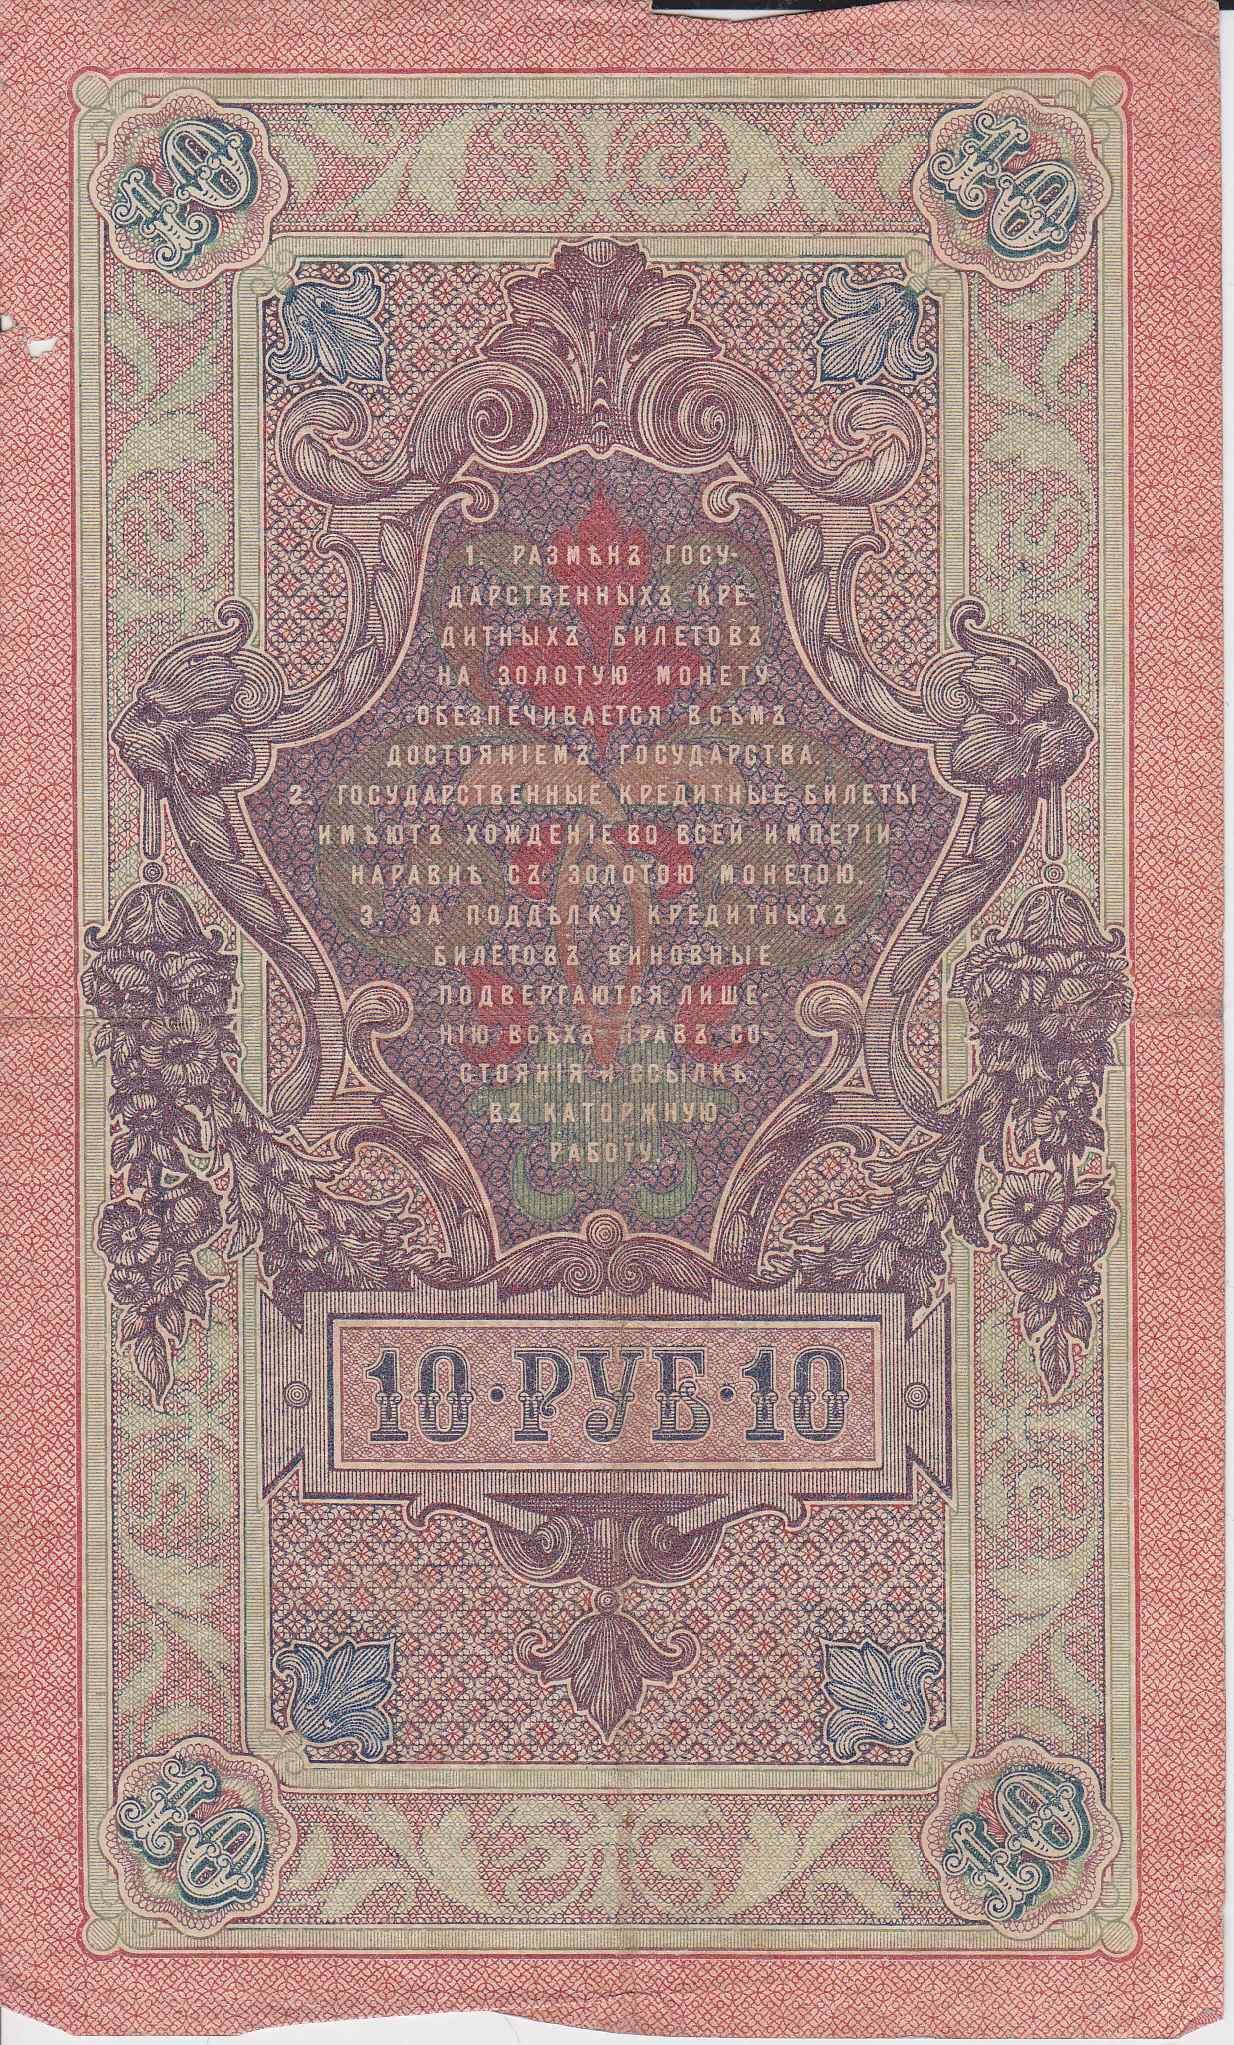 Банкнота Россия 1909 год 10 рублей Шипов/Овчинников МТ